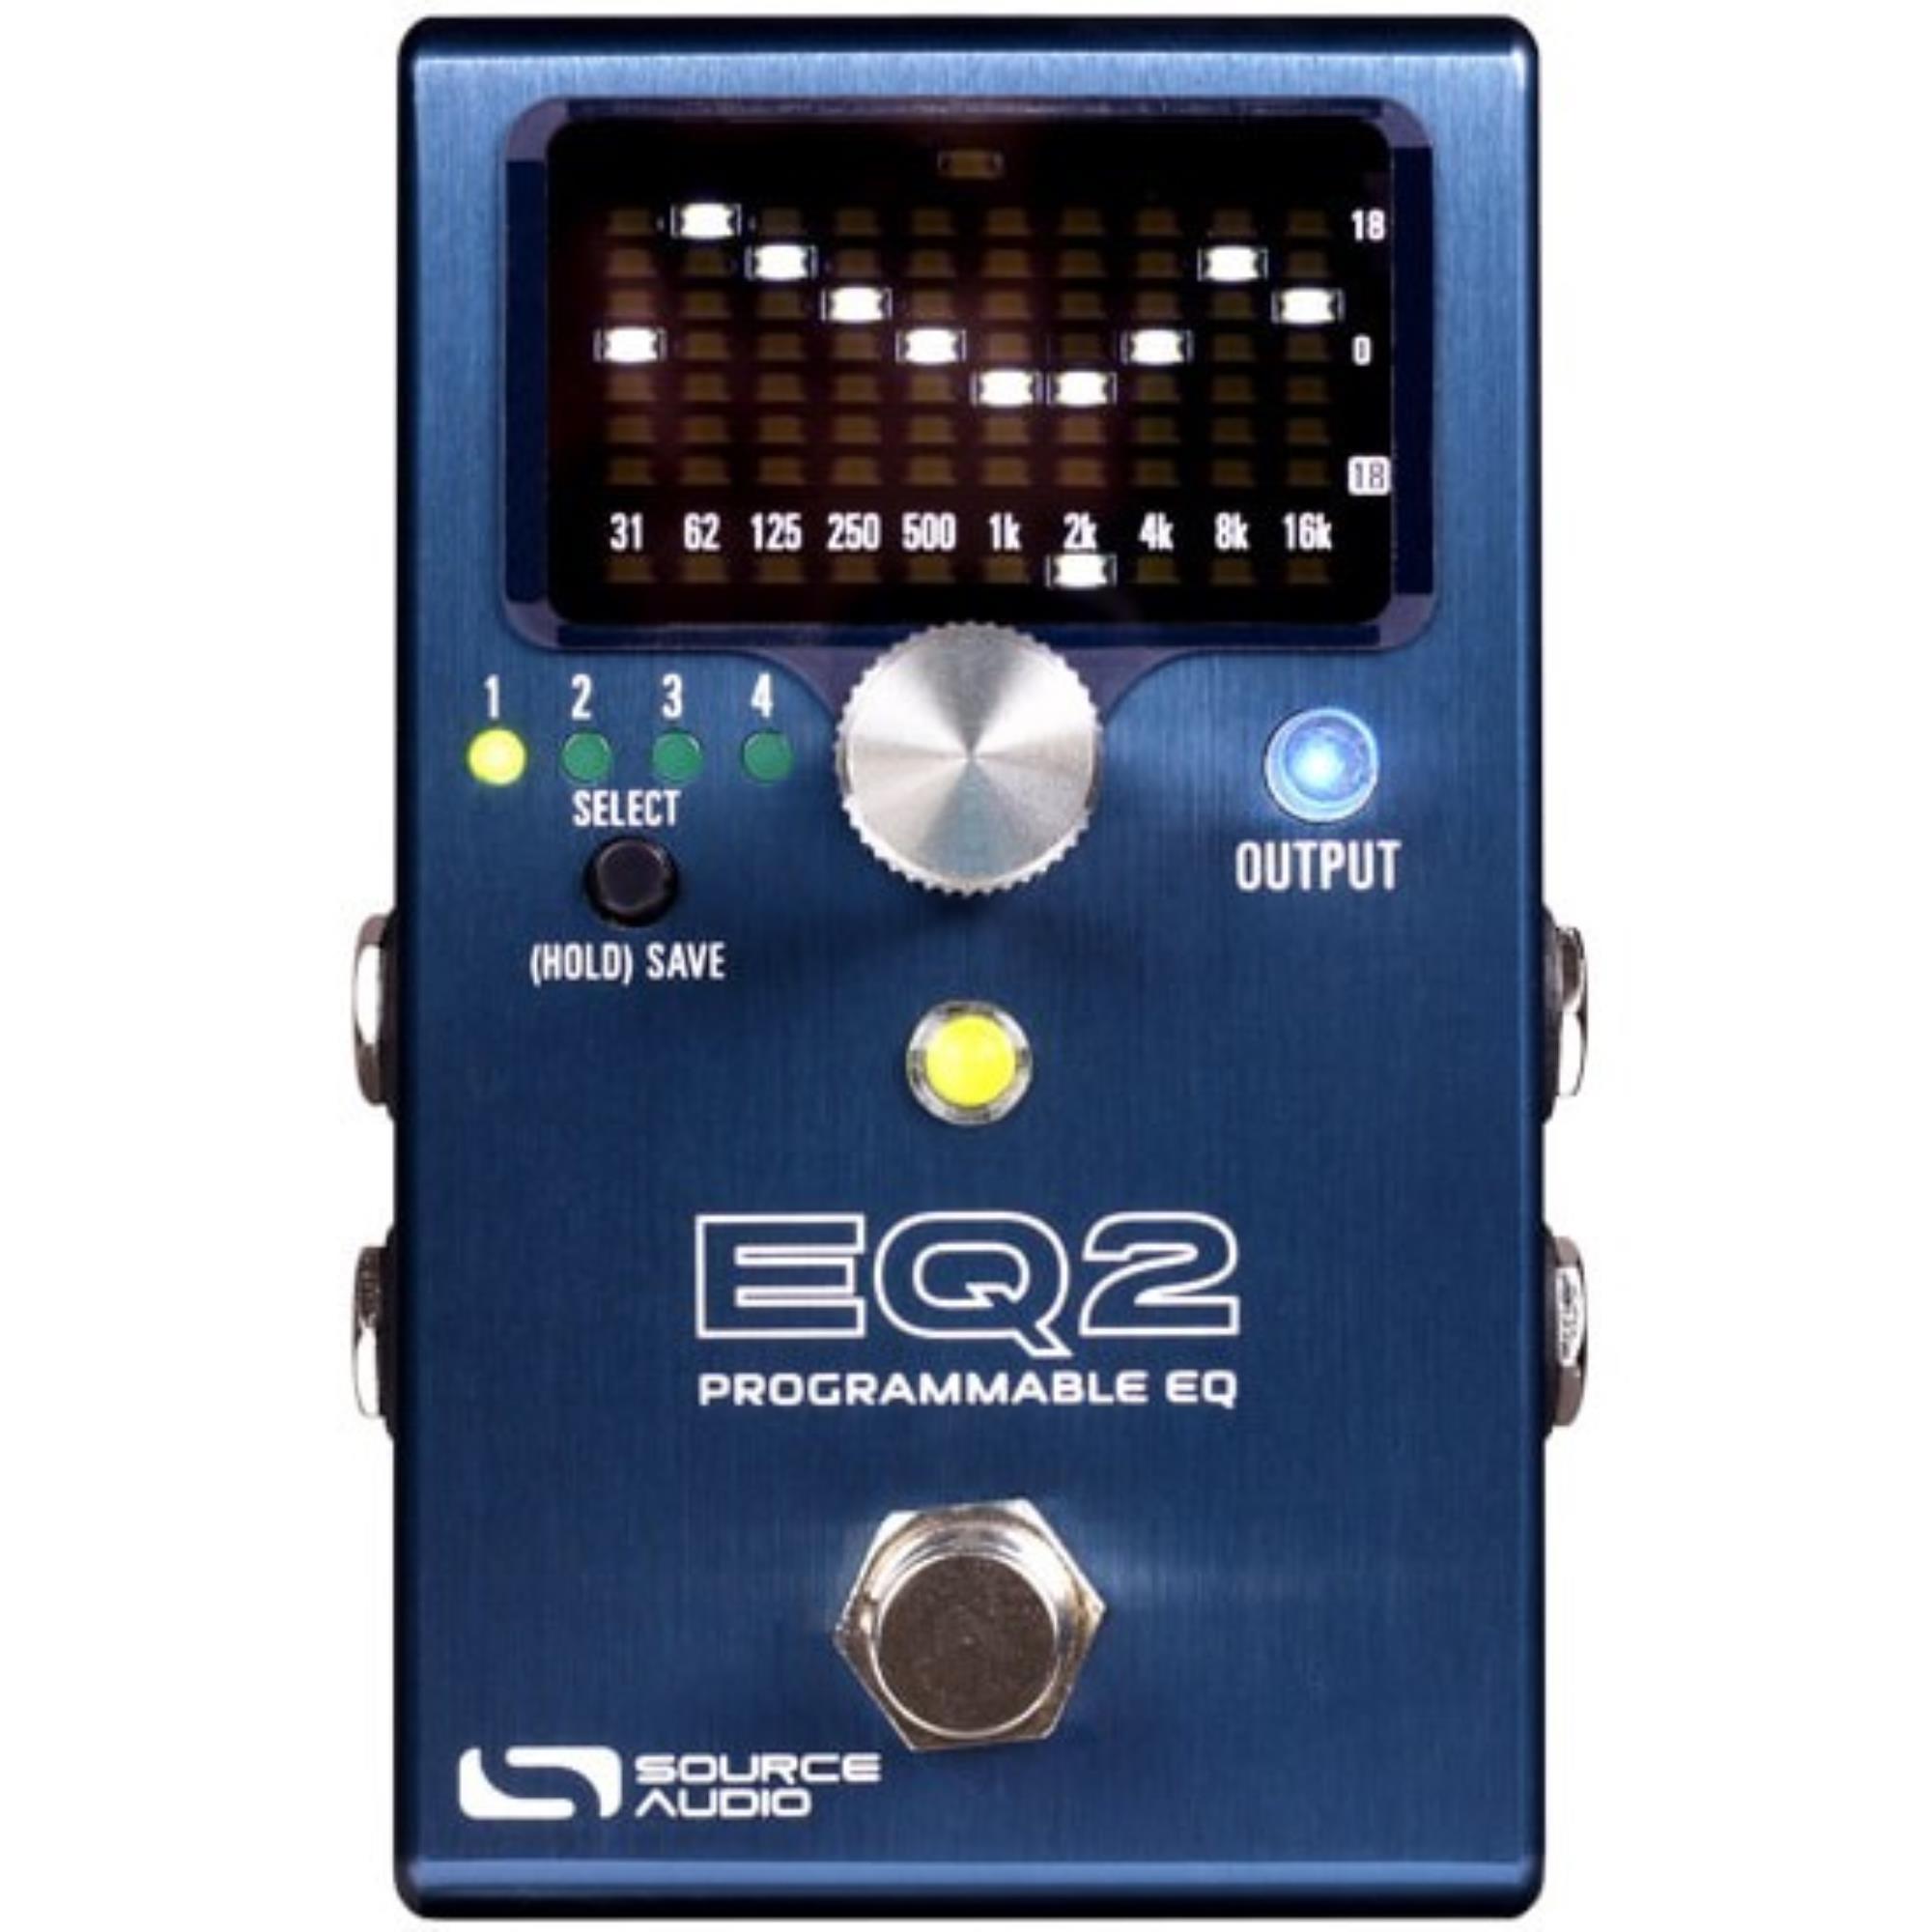 SOURCE-AUDIO-SA270-EQ2-PROGRAMMABLE-EQUALIZER-sku-24402